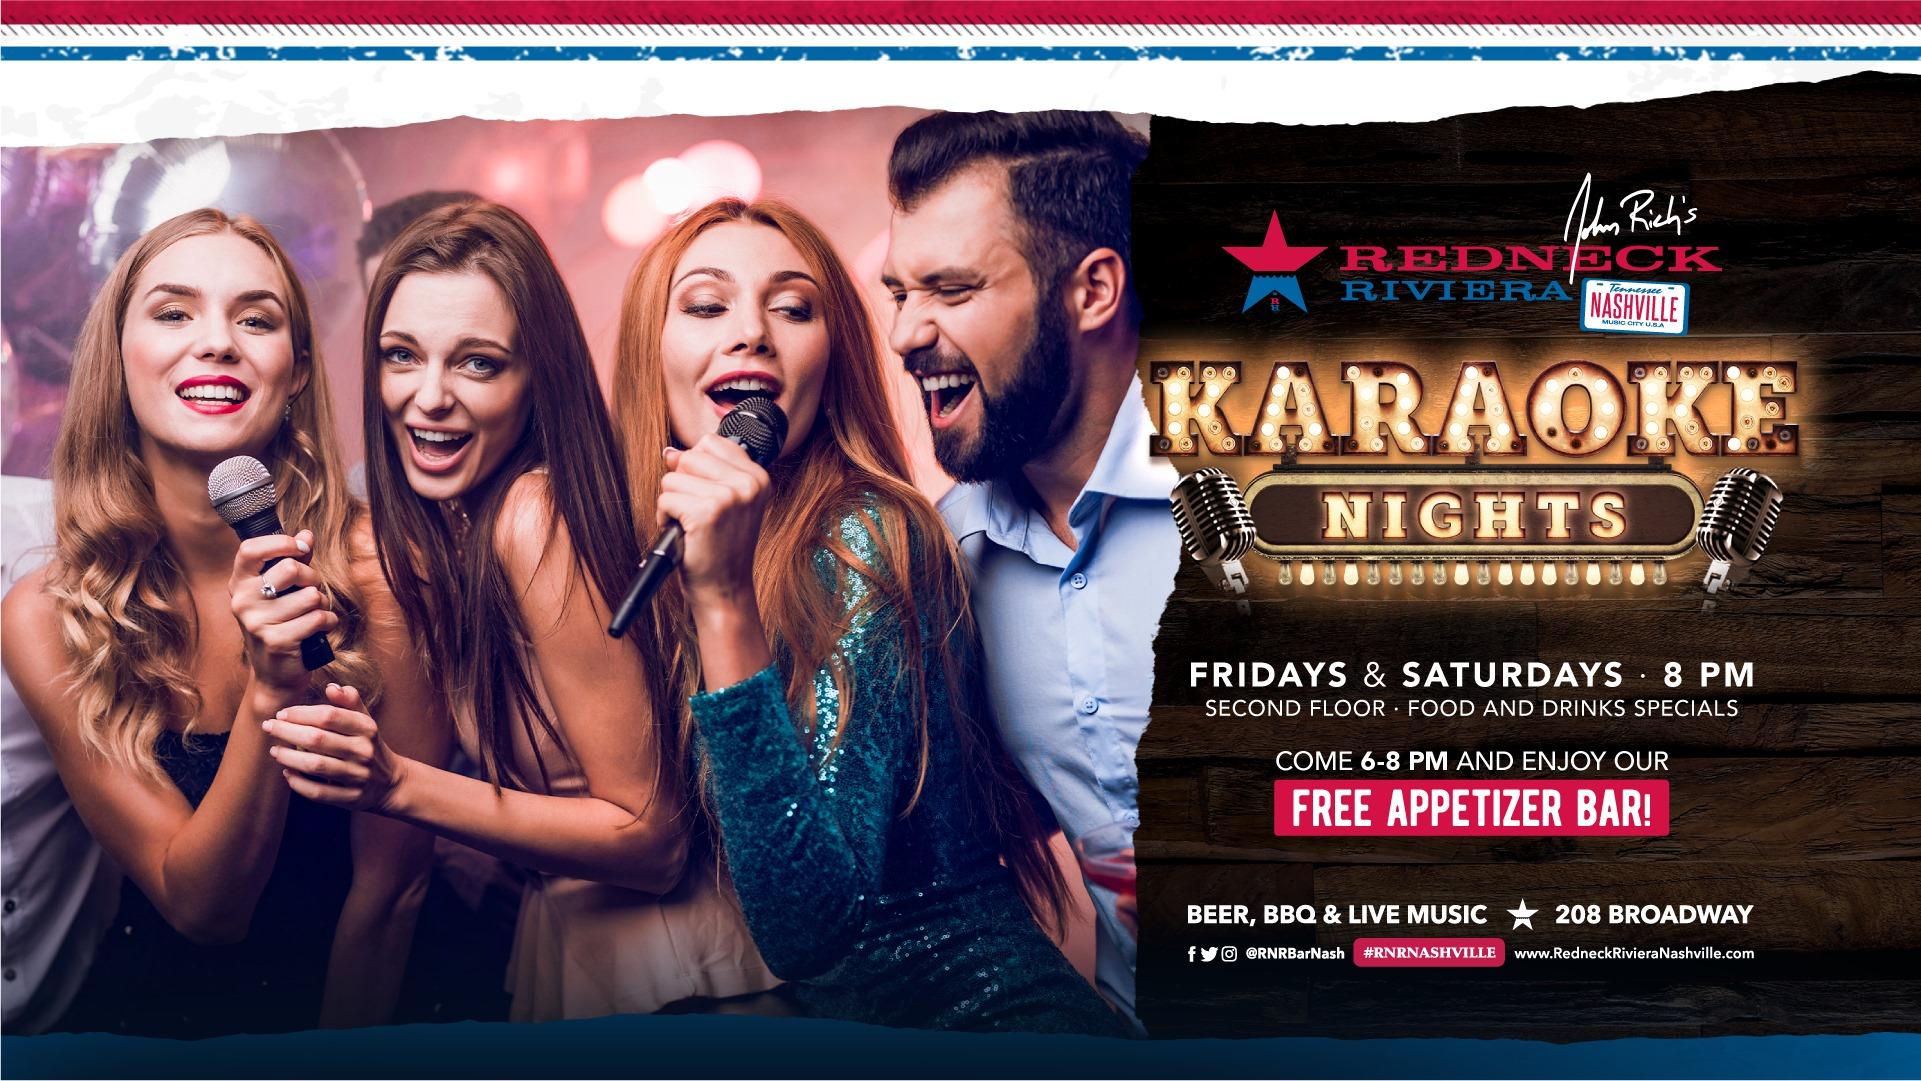 Karaoke Night w/ FREE Appetizer Bar!